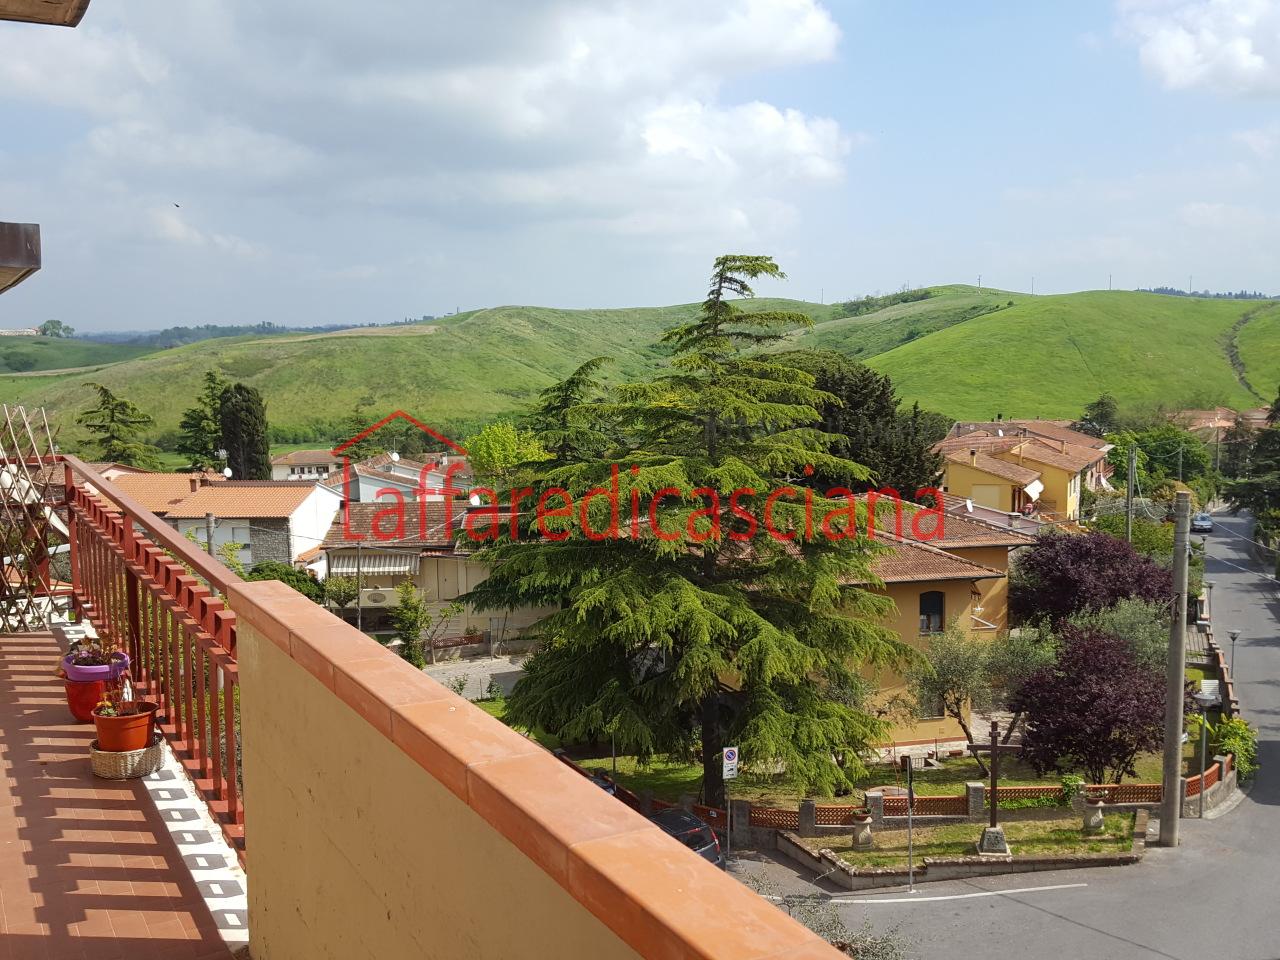 Appartamento in vendita a Casciana Terme Lari, 5 locali, prezzo € 73.500 | Cambio Casa.it